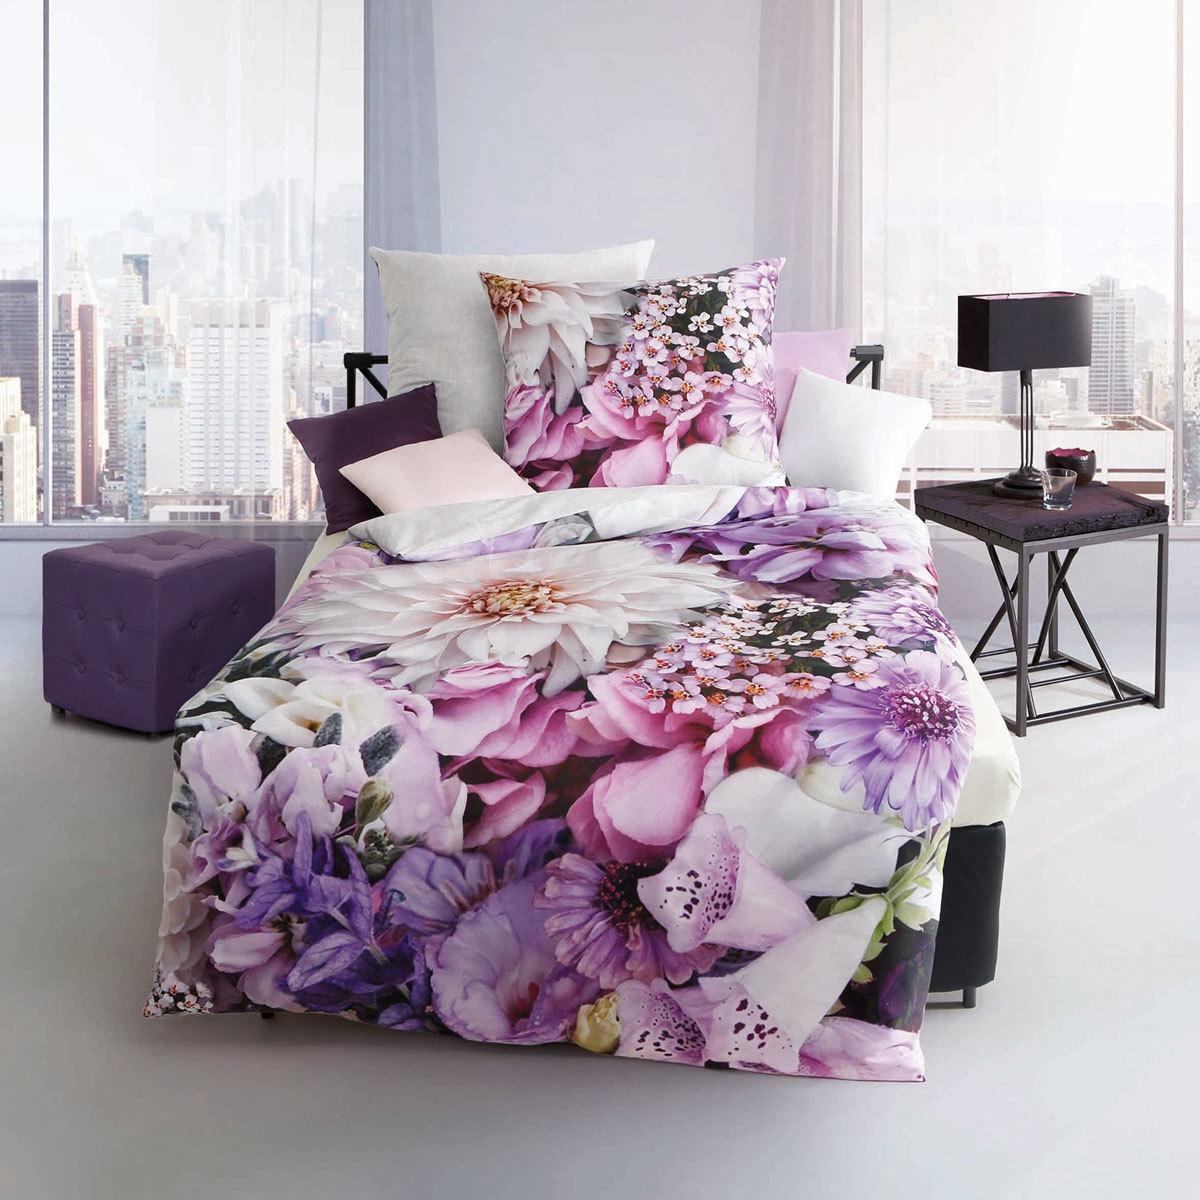 Bettwäsche - Kaeppel Mako Satin Bettwäsche Designer Digital Lilac Passion flieder 135x200 Aufbewahrungsbeutel  - Onlineshop PremiumShop321